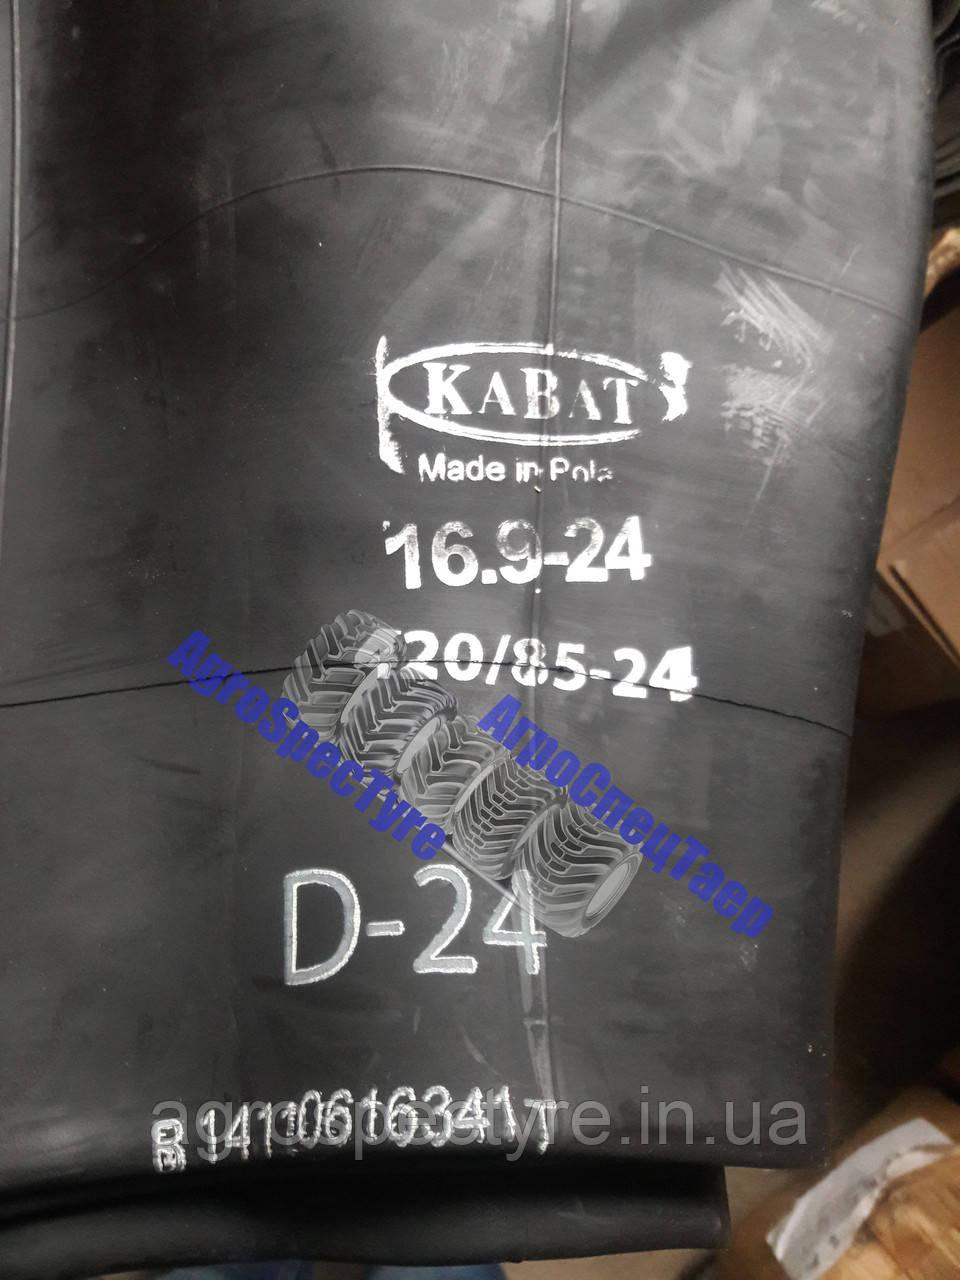 Камера 16.9-24 TR-218A KABAT для погрузчика